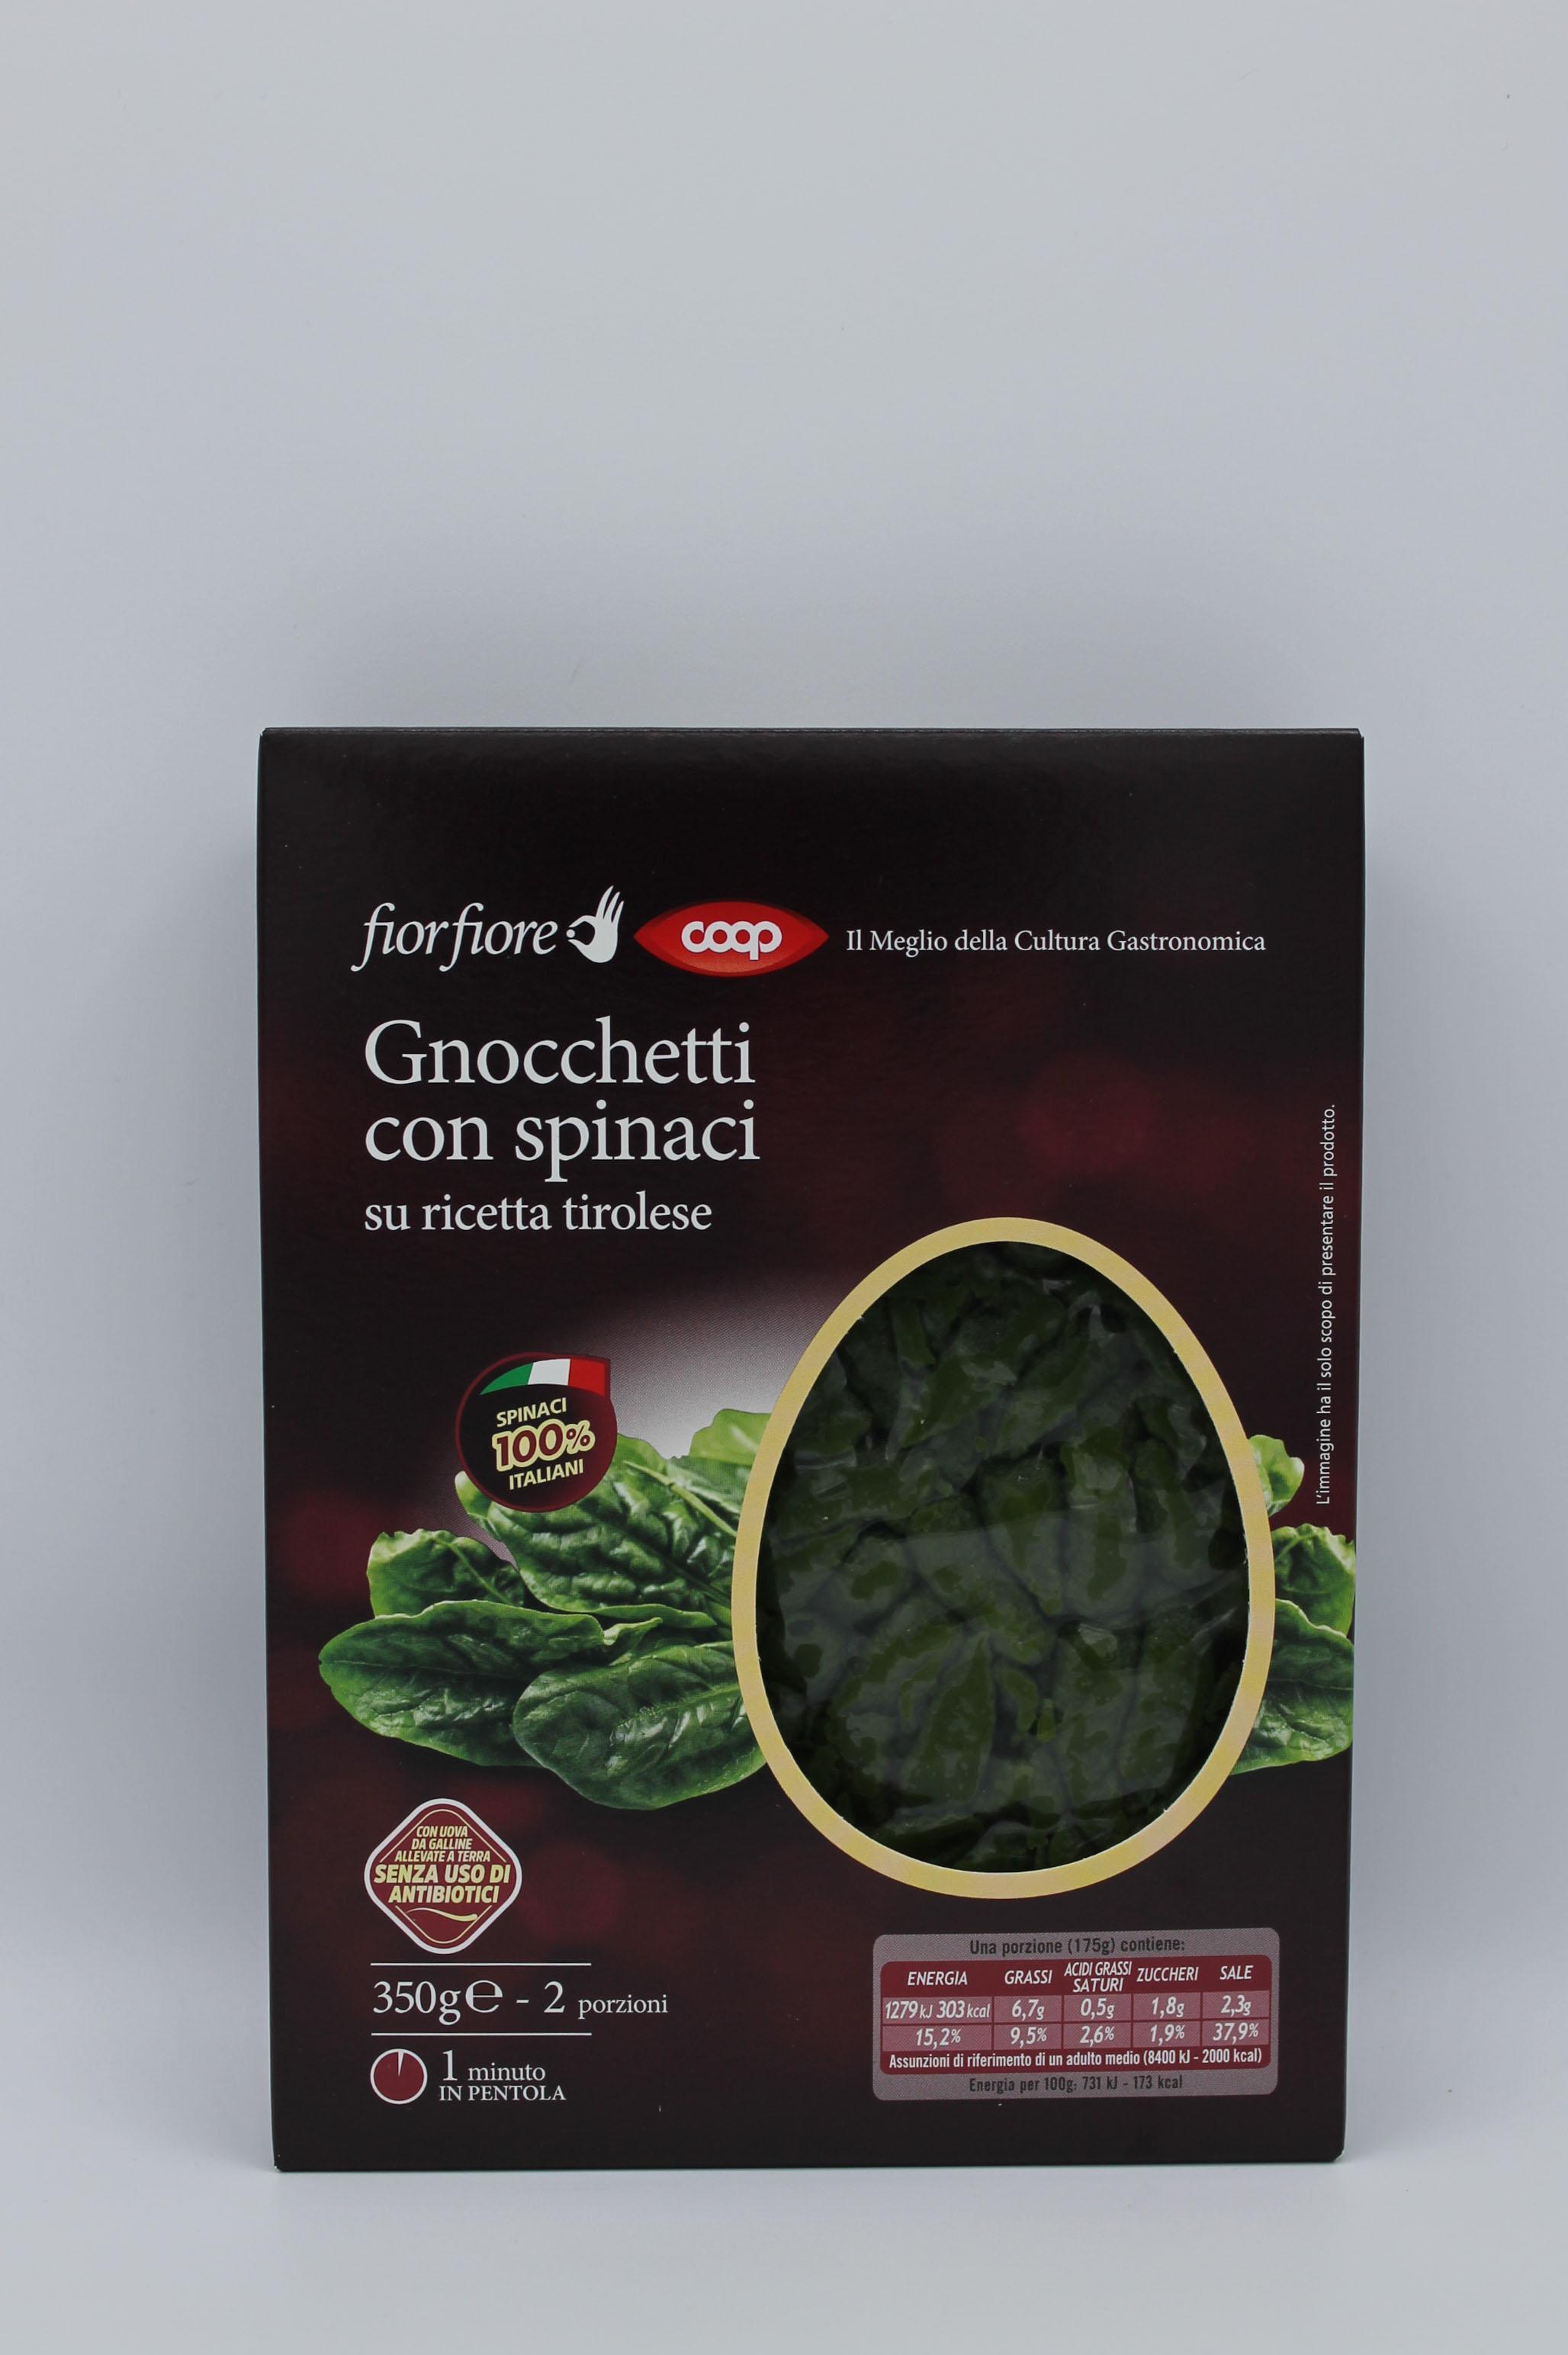 Fior fiore coop gnocchetti spinaci 350gr.